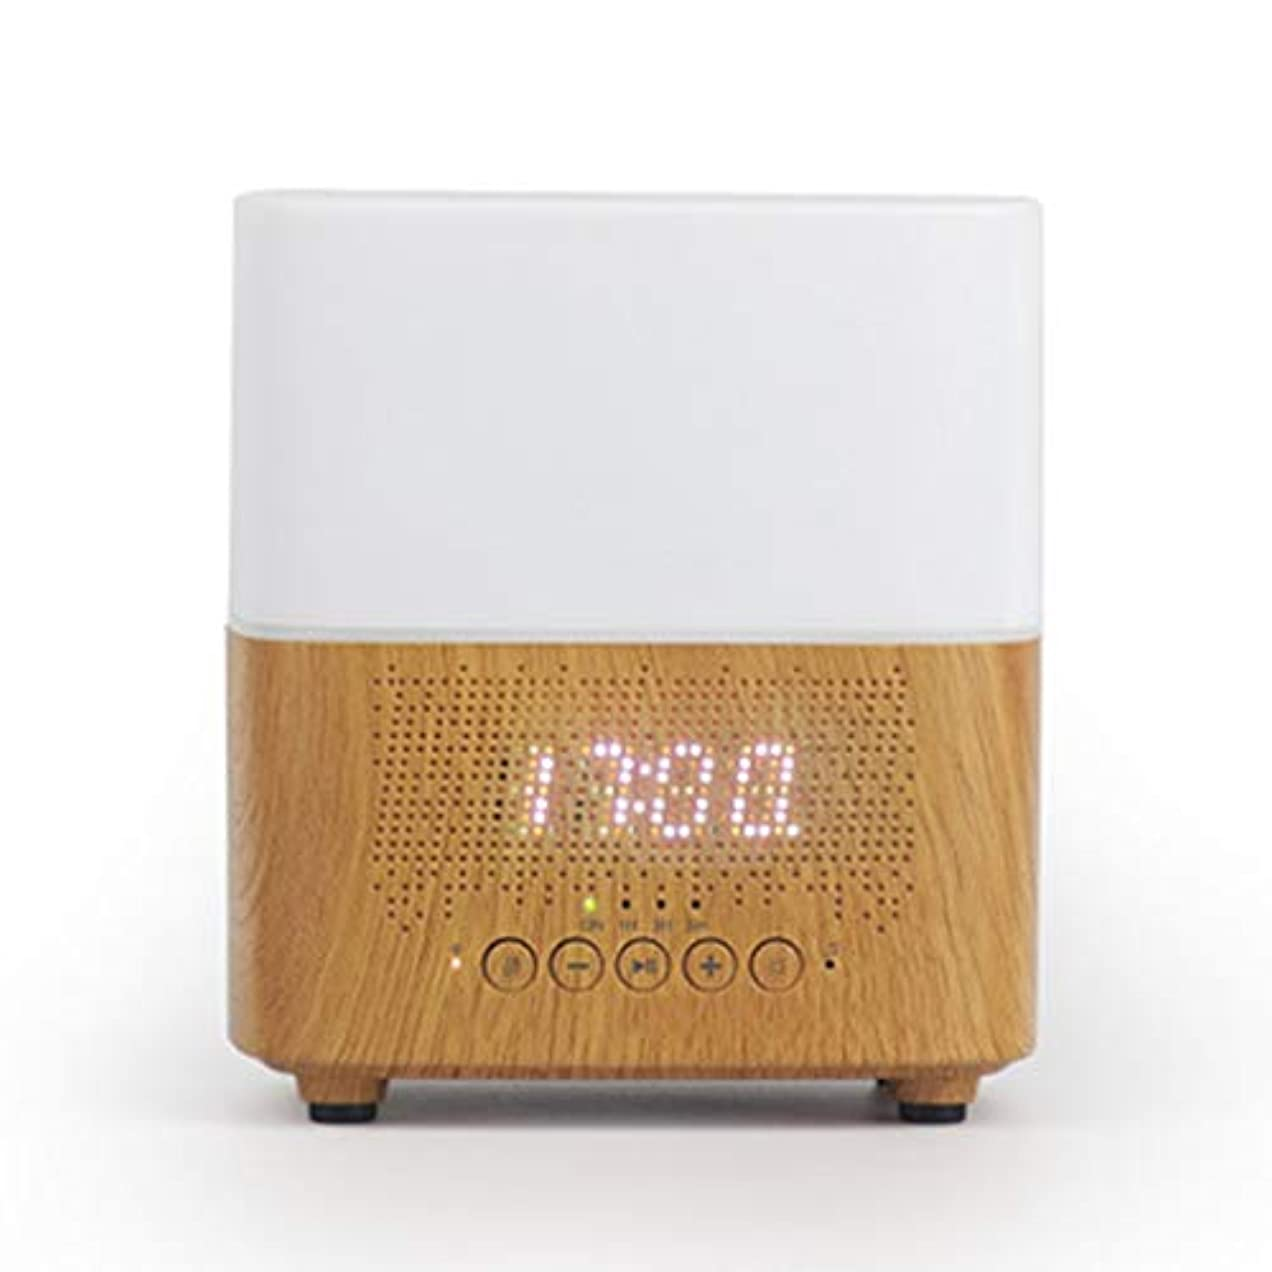 クロス直面する先住民ブルートゥースのスピーカー機械LED時計の目覚まし時計の夜ライト加湿器 (Color : White)